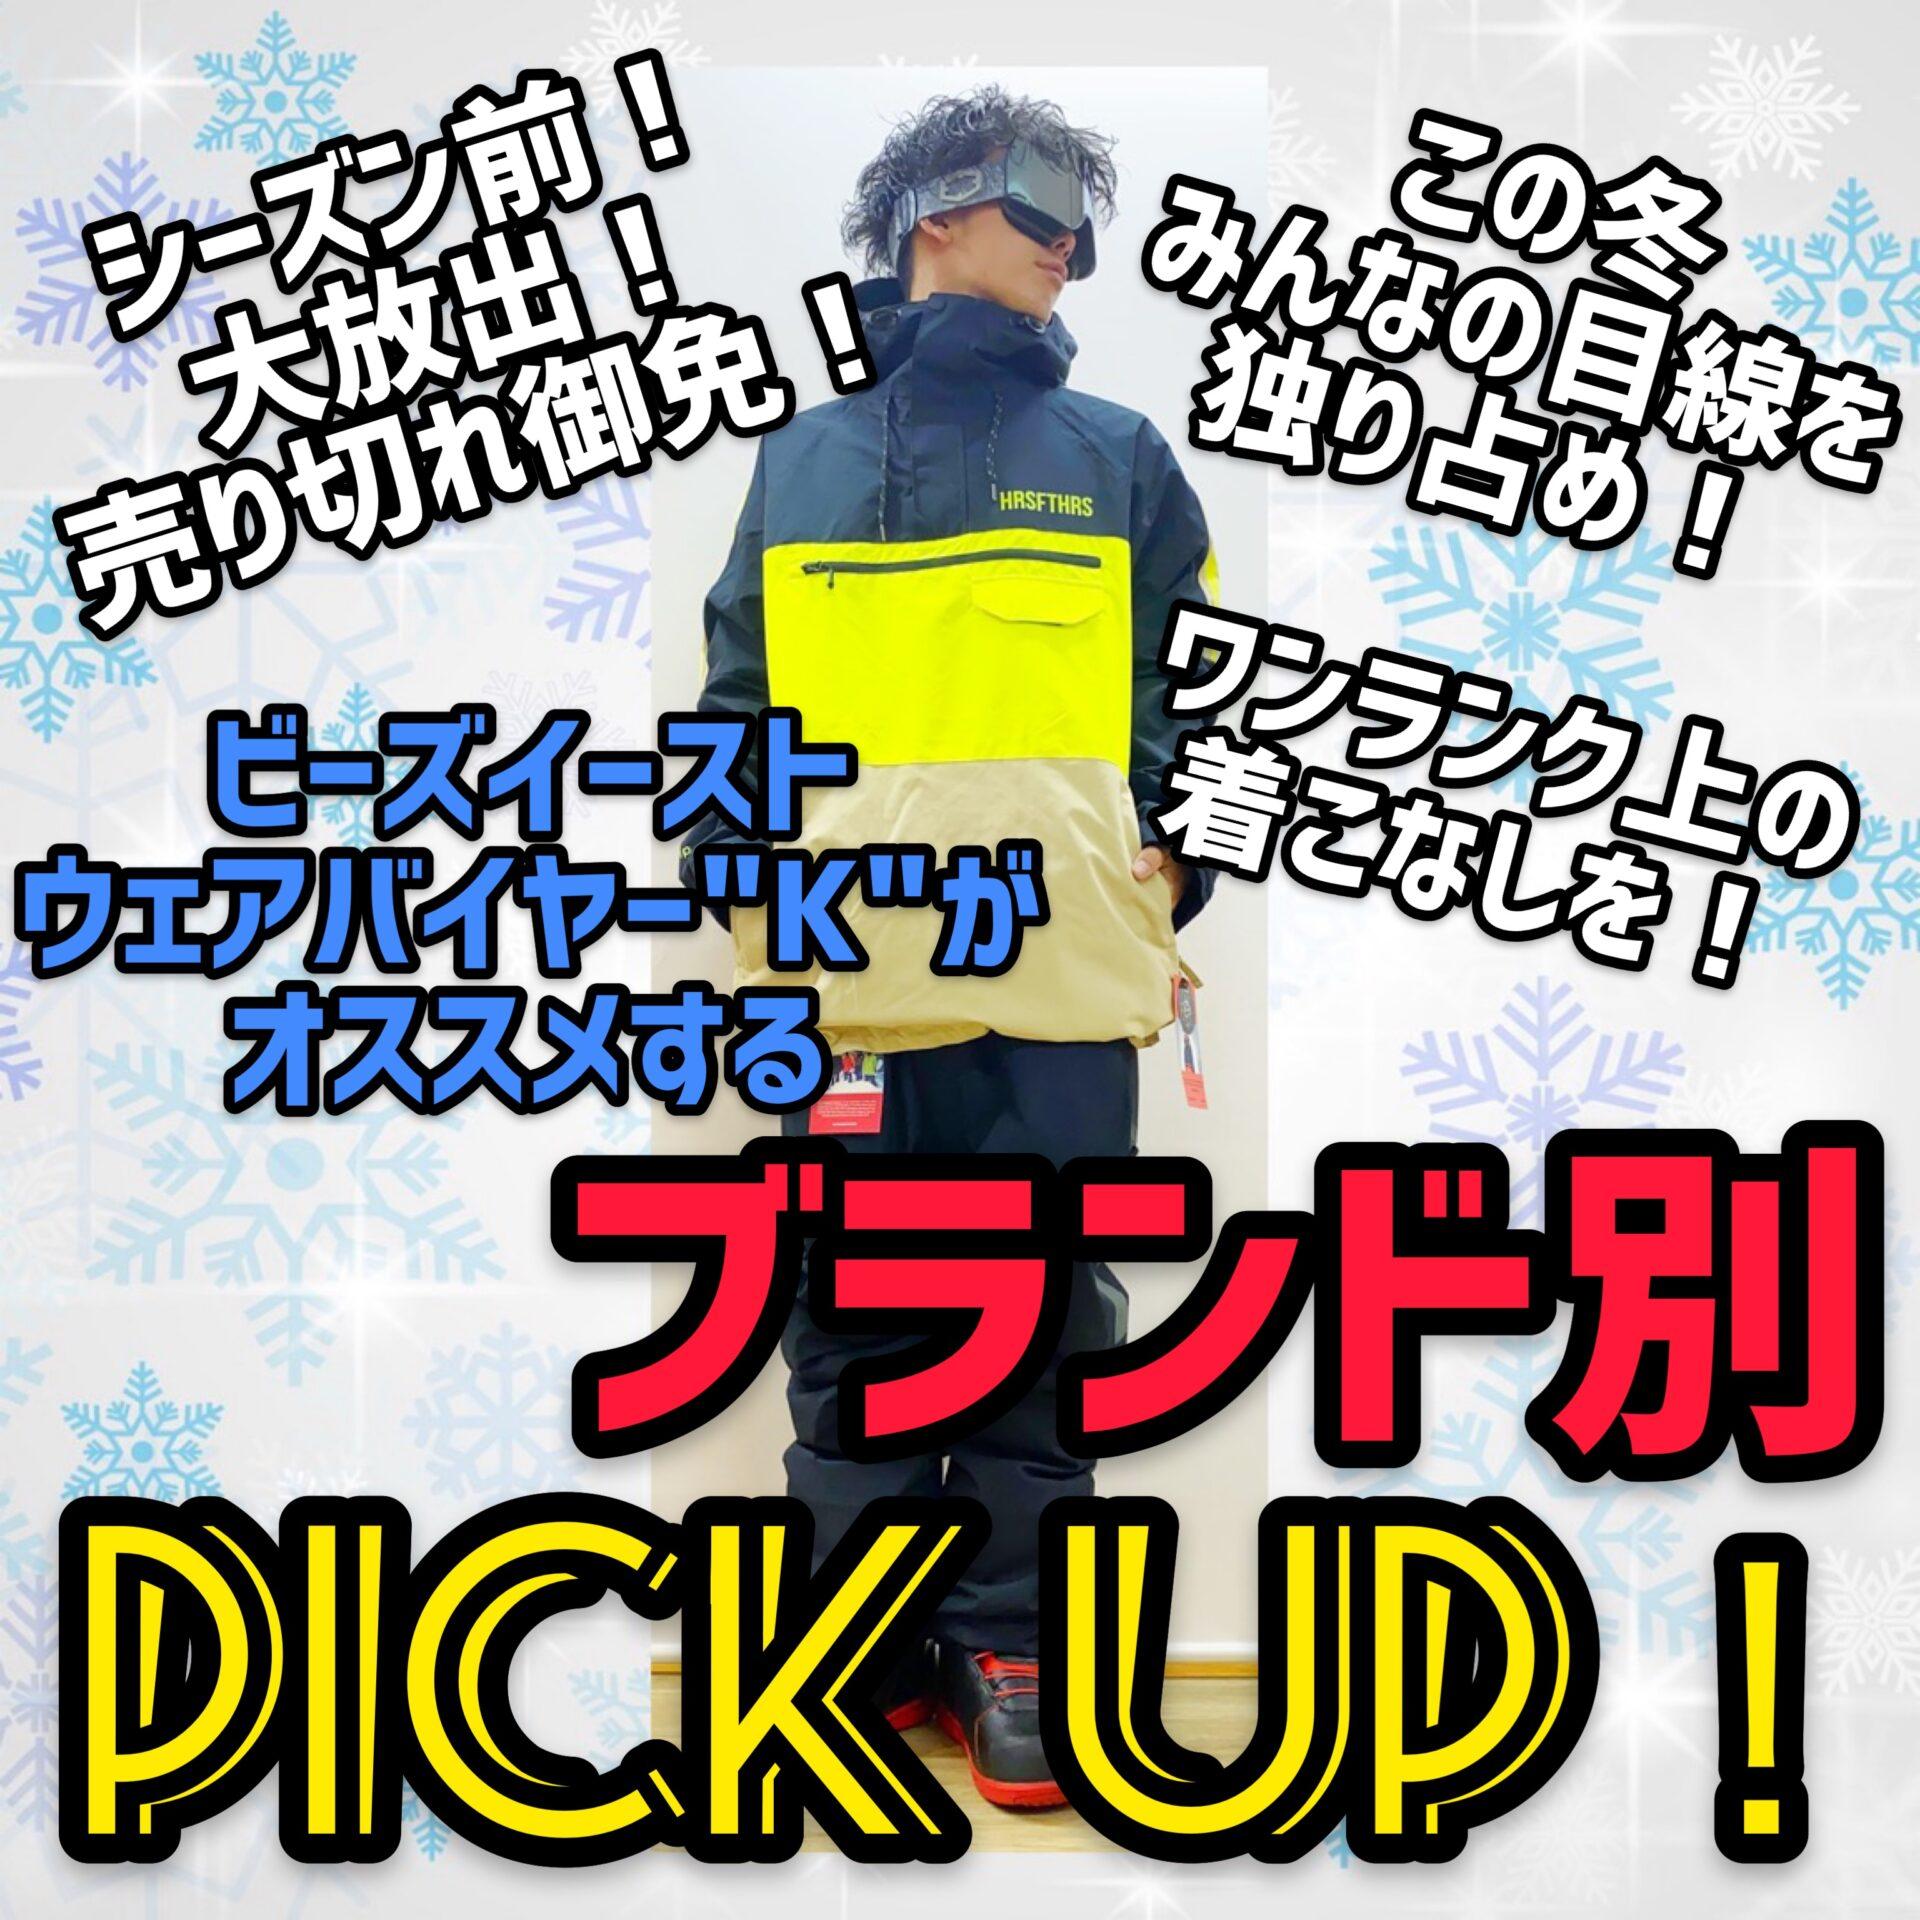 スノーボードウェア 入荷! ブランド別 PICK UP!